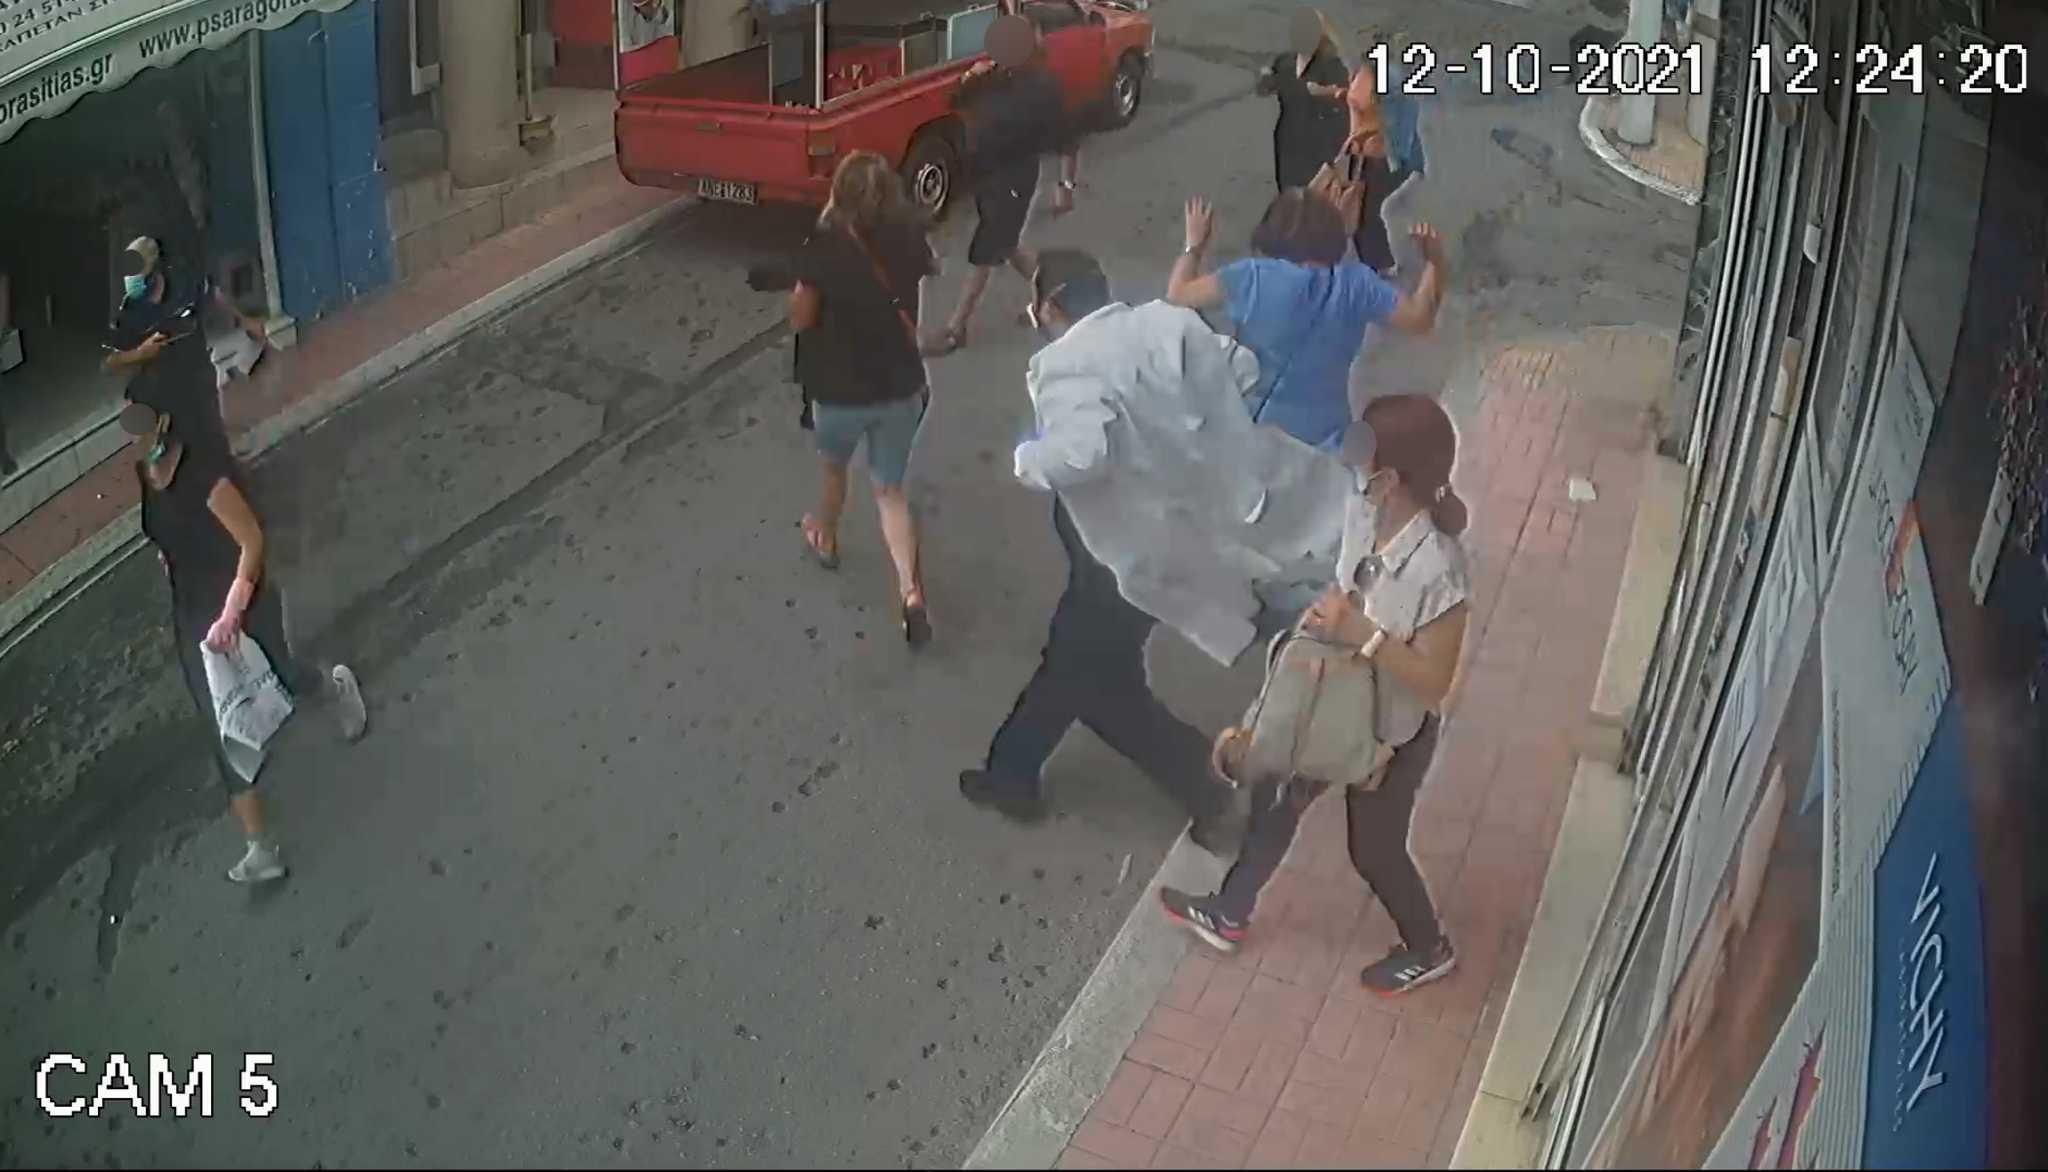 Σεισμός στην Κρήτη: Βίντεο ντοκουμέντο με τον πανικό μέσα κι έξω από φαρμακείο